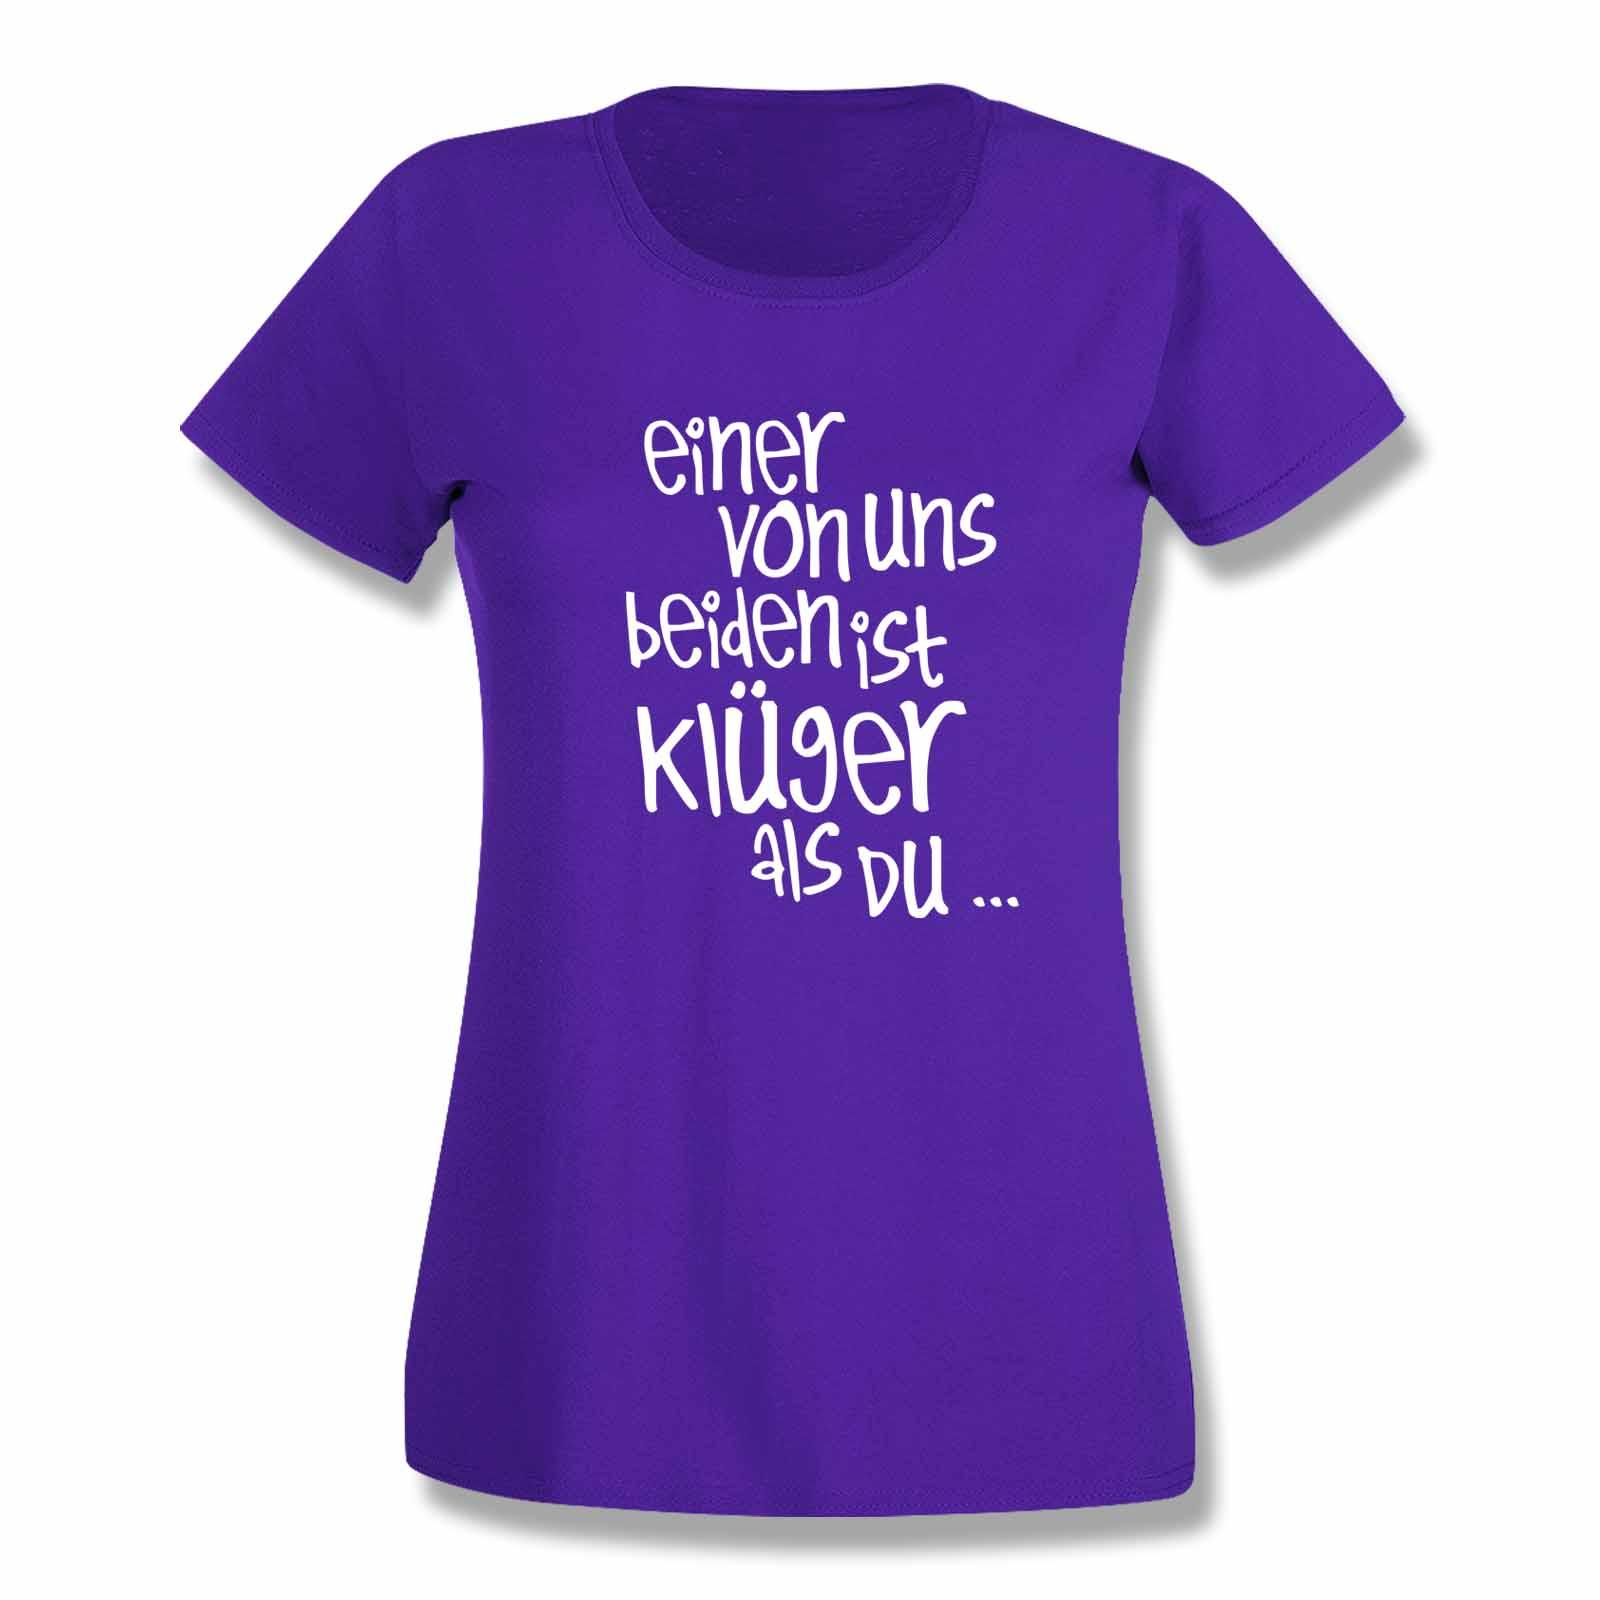 new style 841b3 30c7f T-Shirt Spruch Einer von uns beiden ist klüger als Du Witz 15 Farb. Damen  XS-3XL